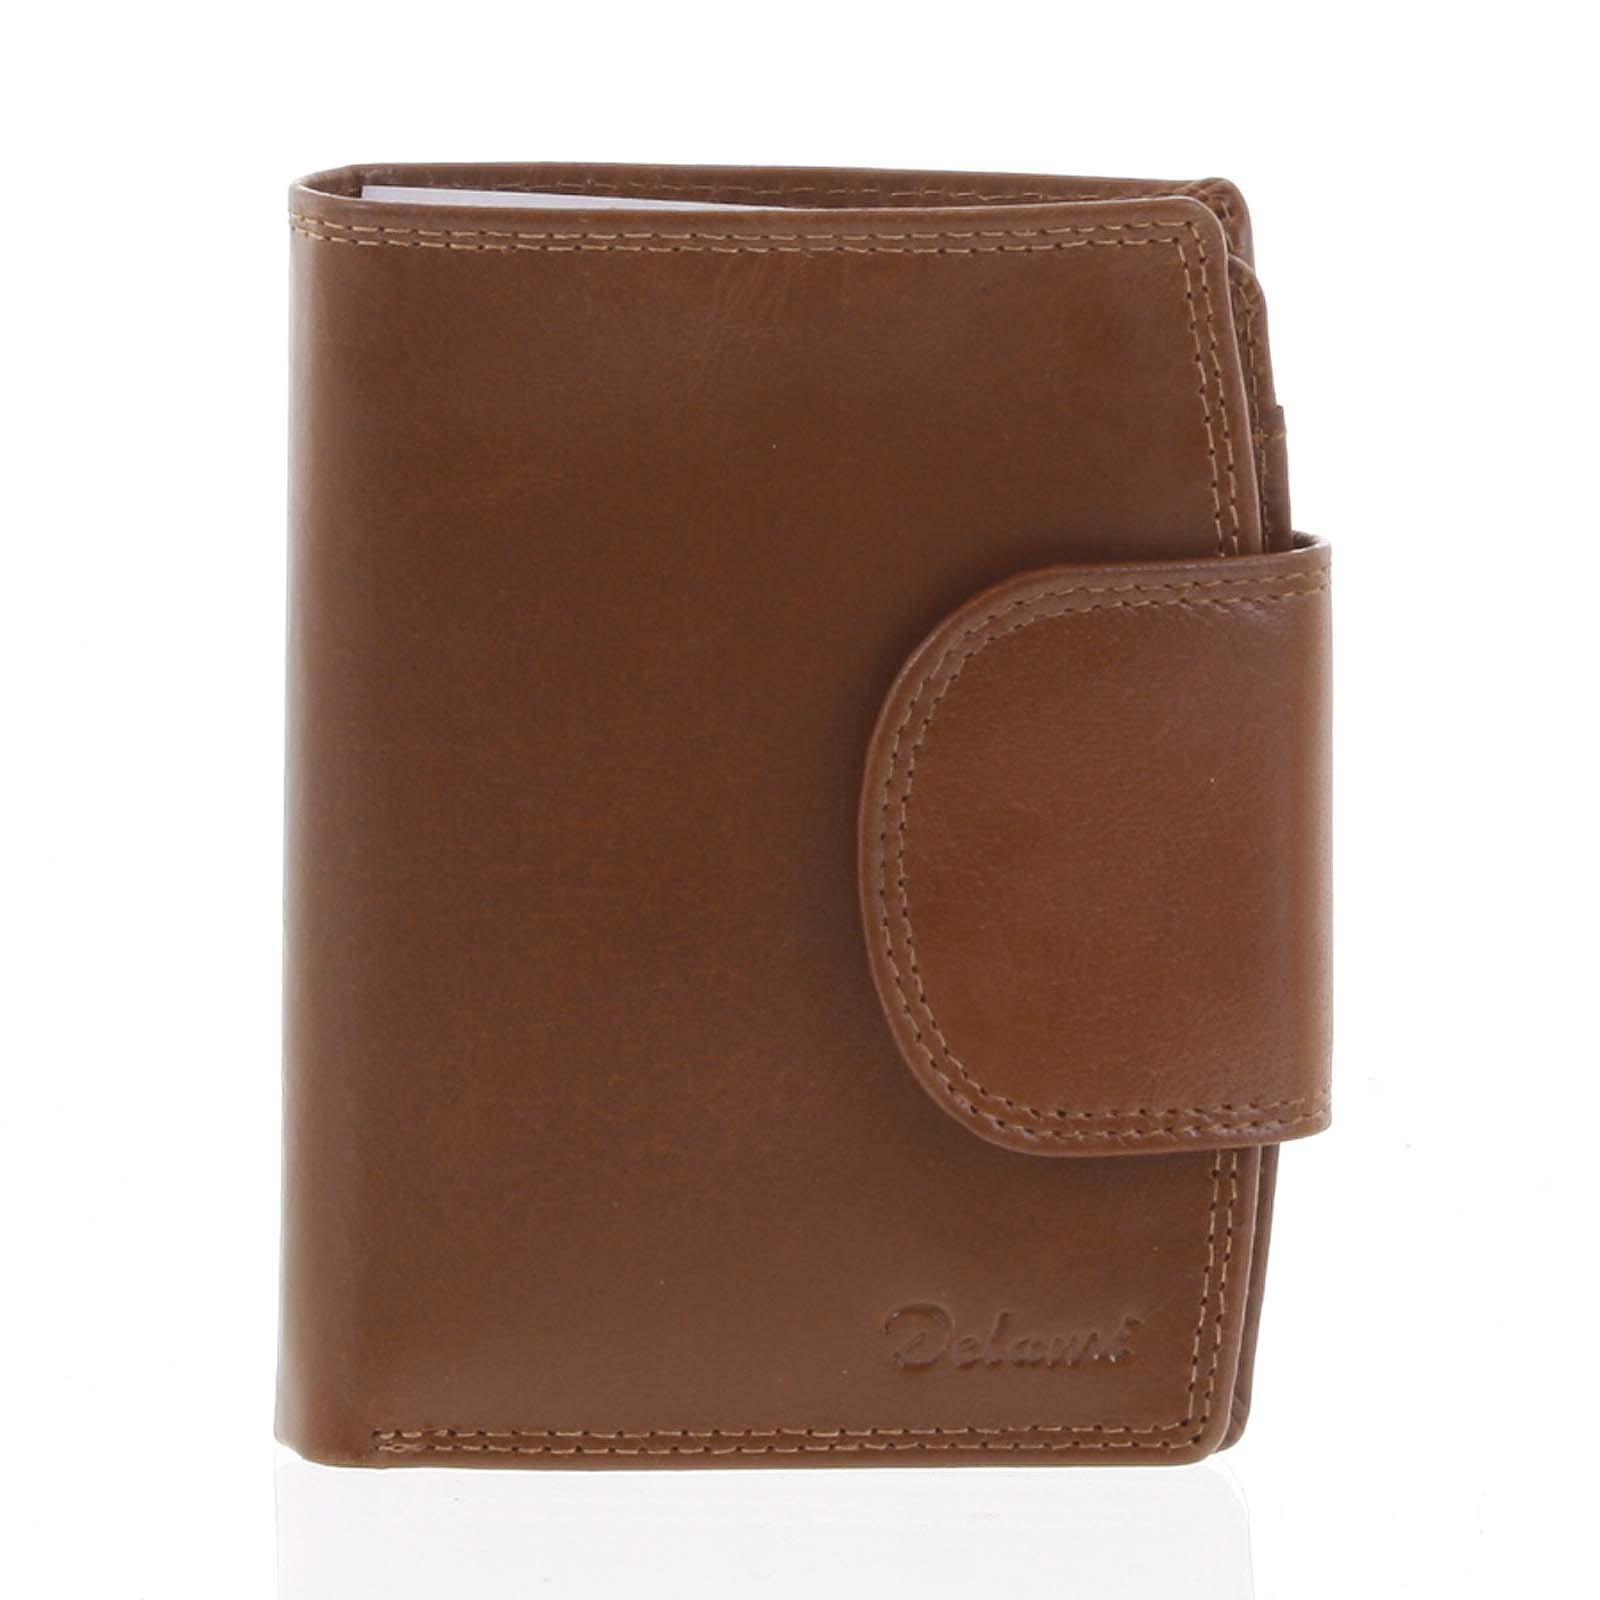 Kožená elegantní světle hnědá peněženka pro muže - Delami 1342CHA